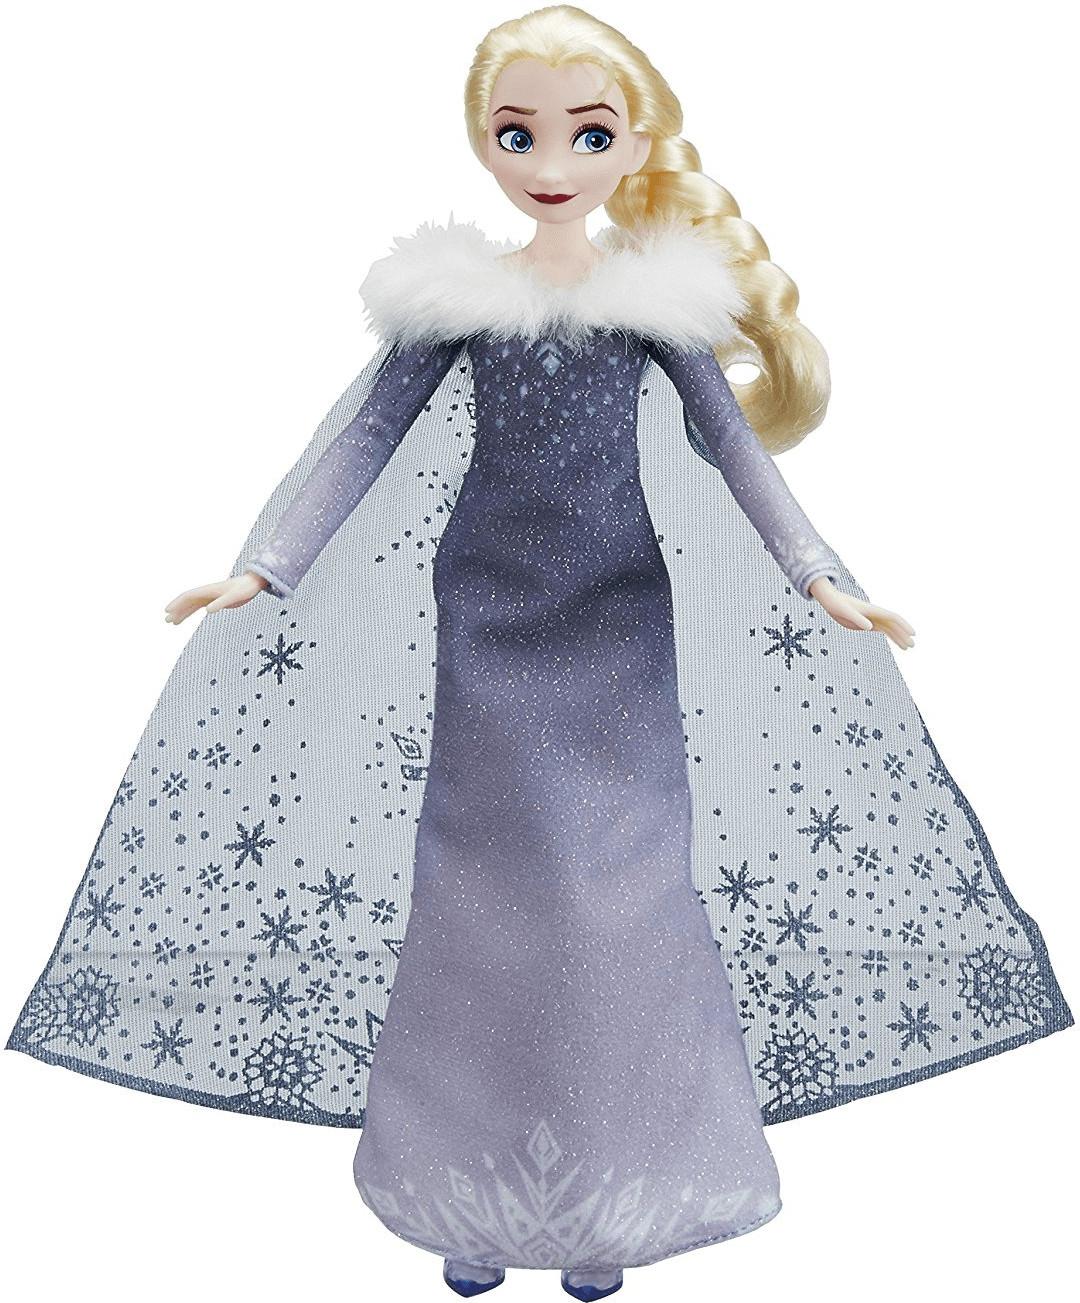 Hasbro Frozen Singing Elsa Fashion